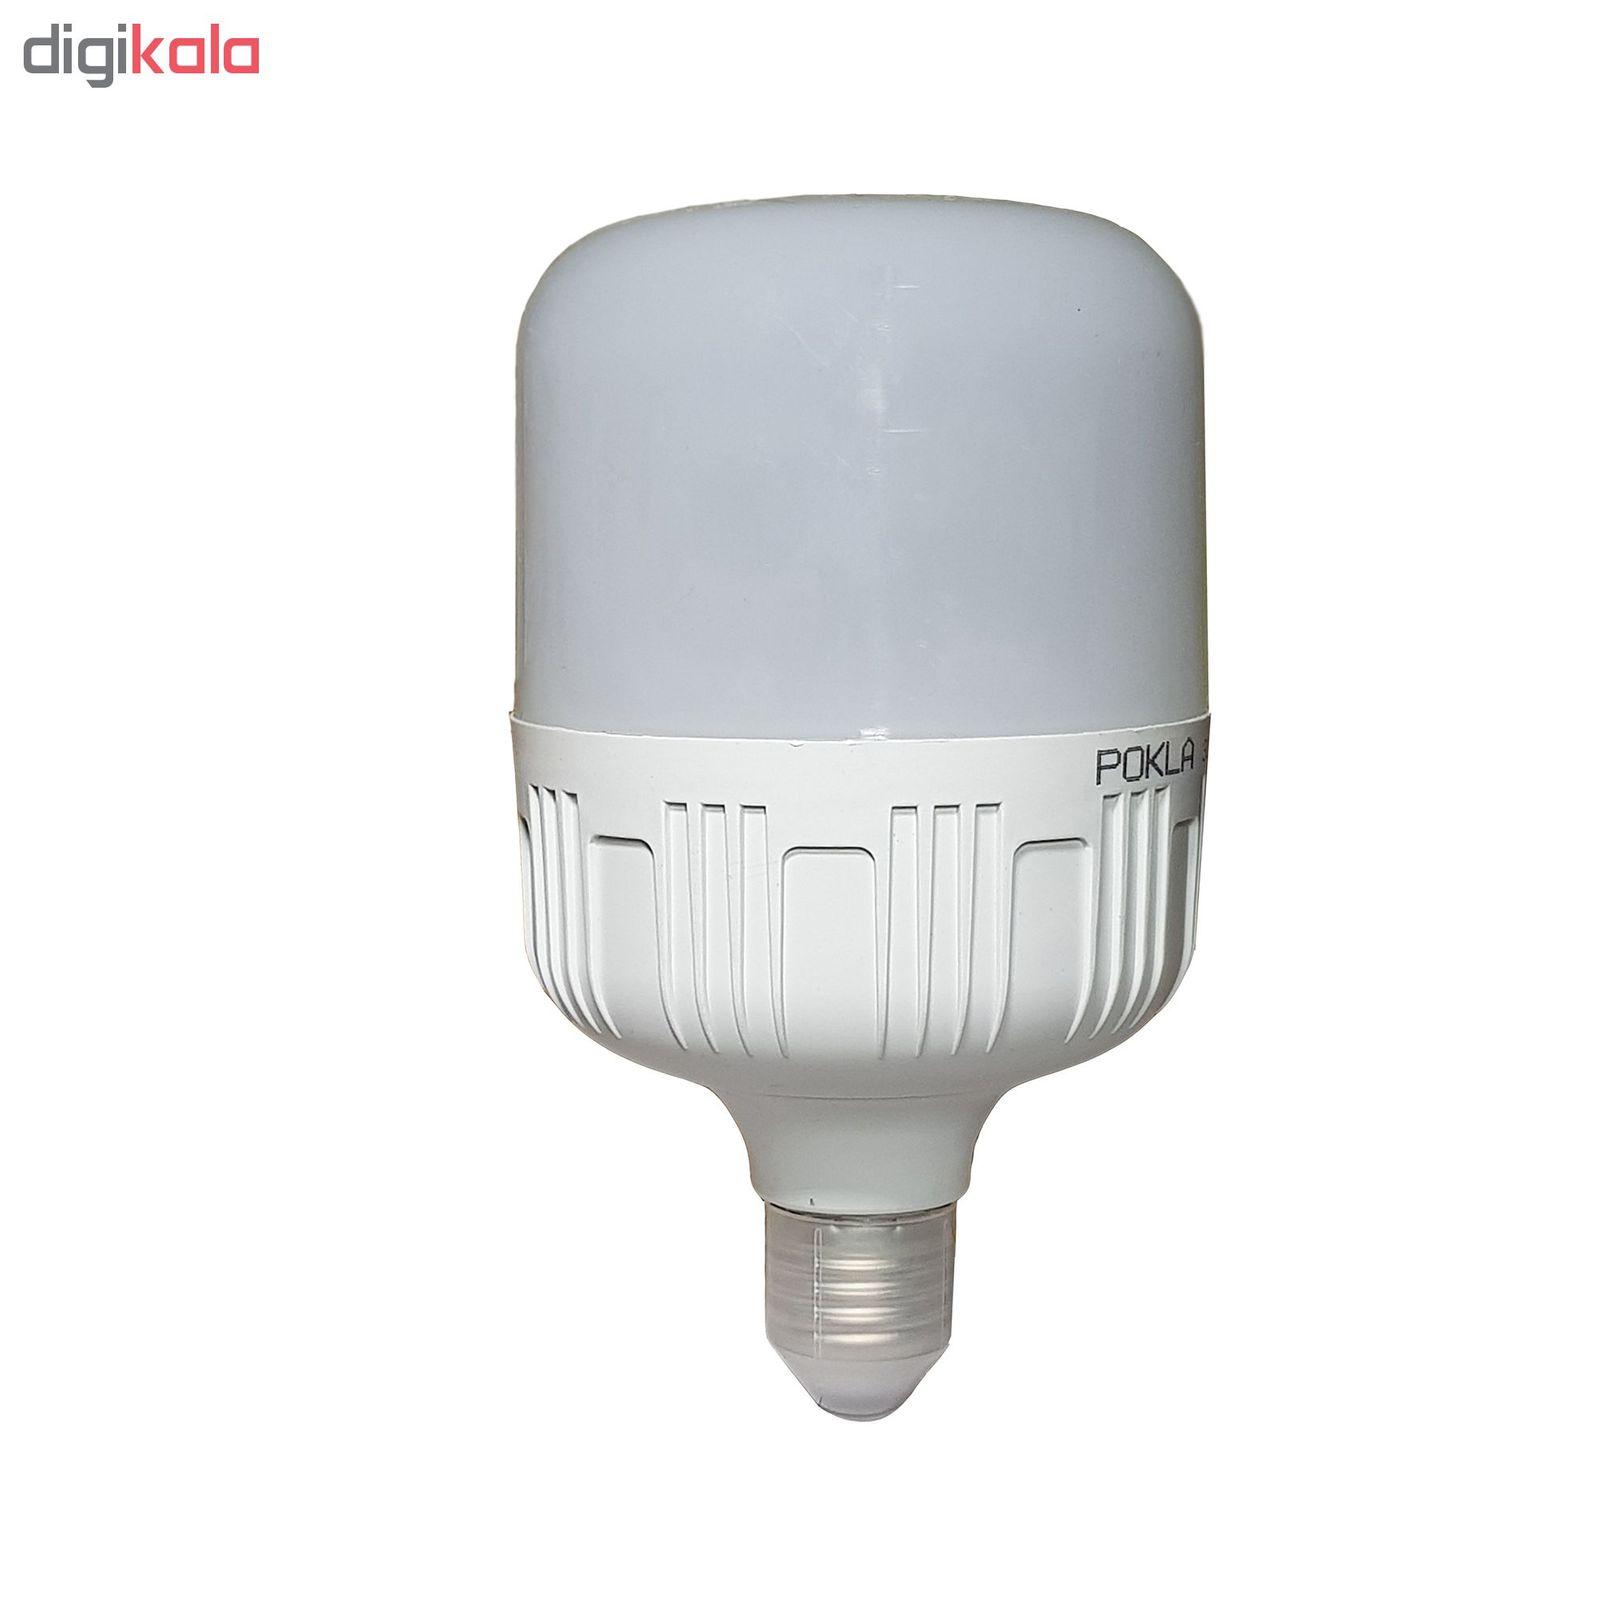 لامپ ال ای دی 30 وات پوکلا کد SH_3030  main 1 1